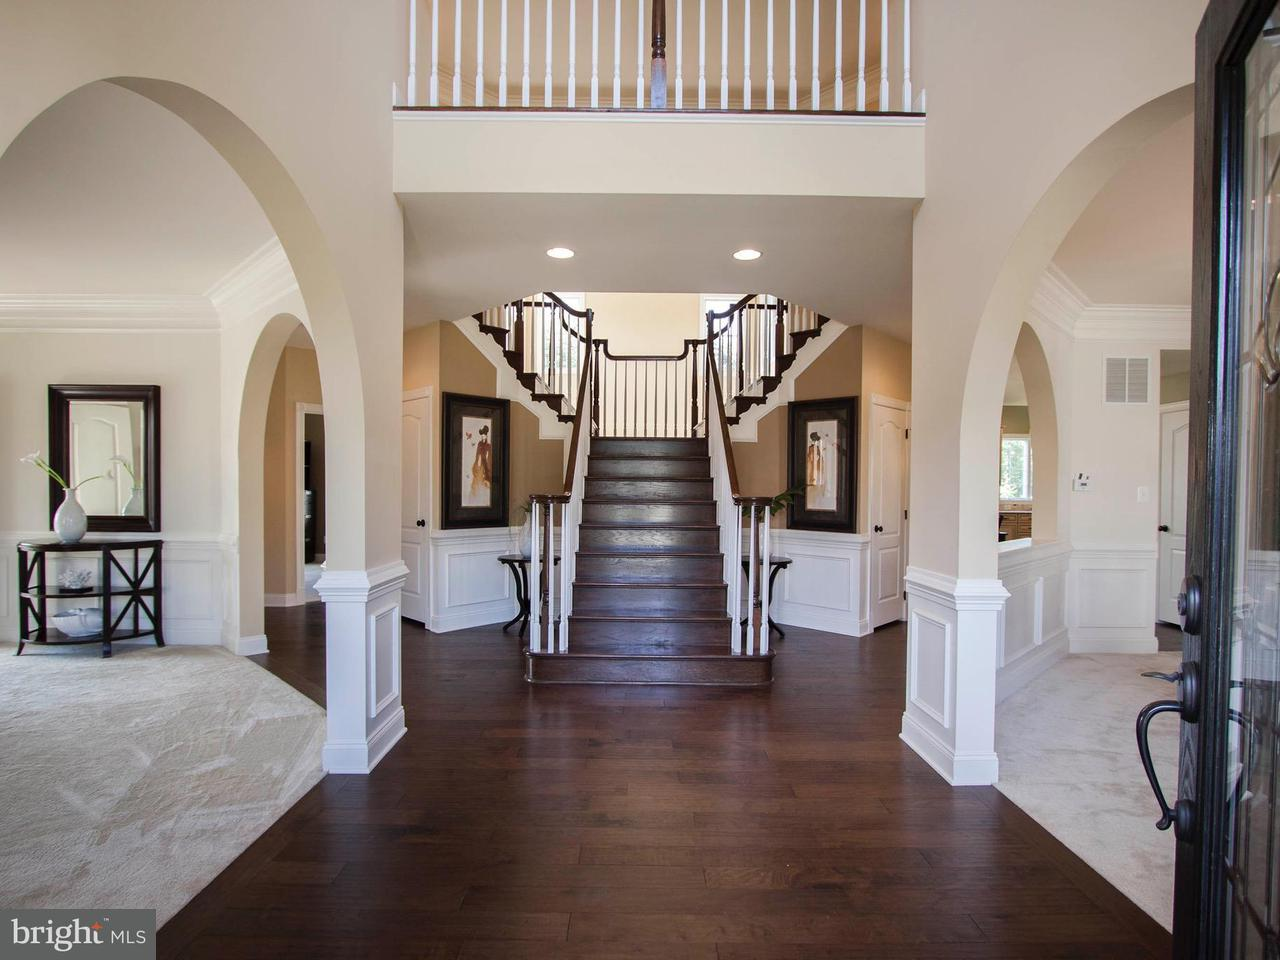 단독 가정 주택 용 매매 에 820 Sapling Court 820 Sapling Court Bel Air, 메릴랜드 21015 미국